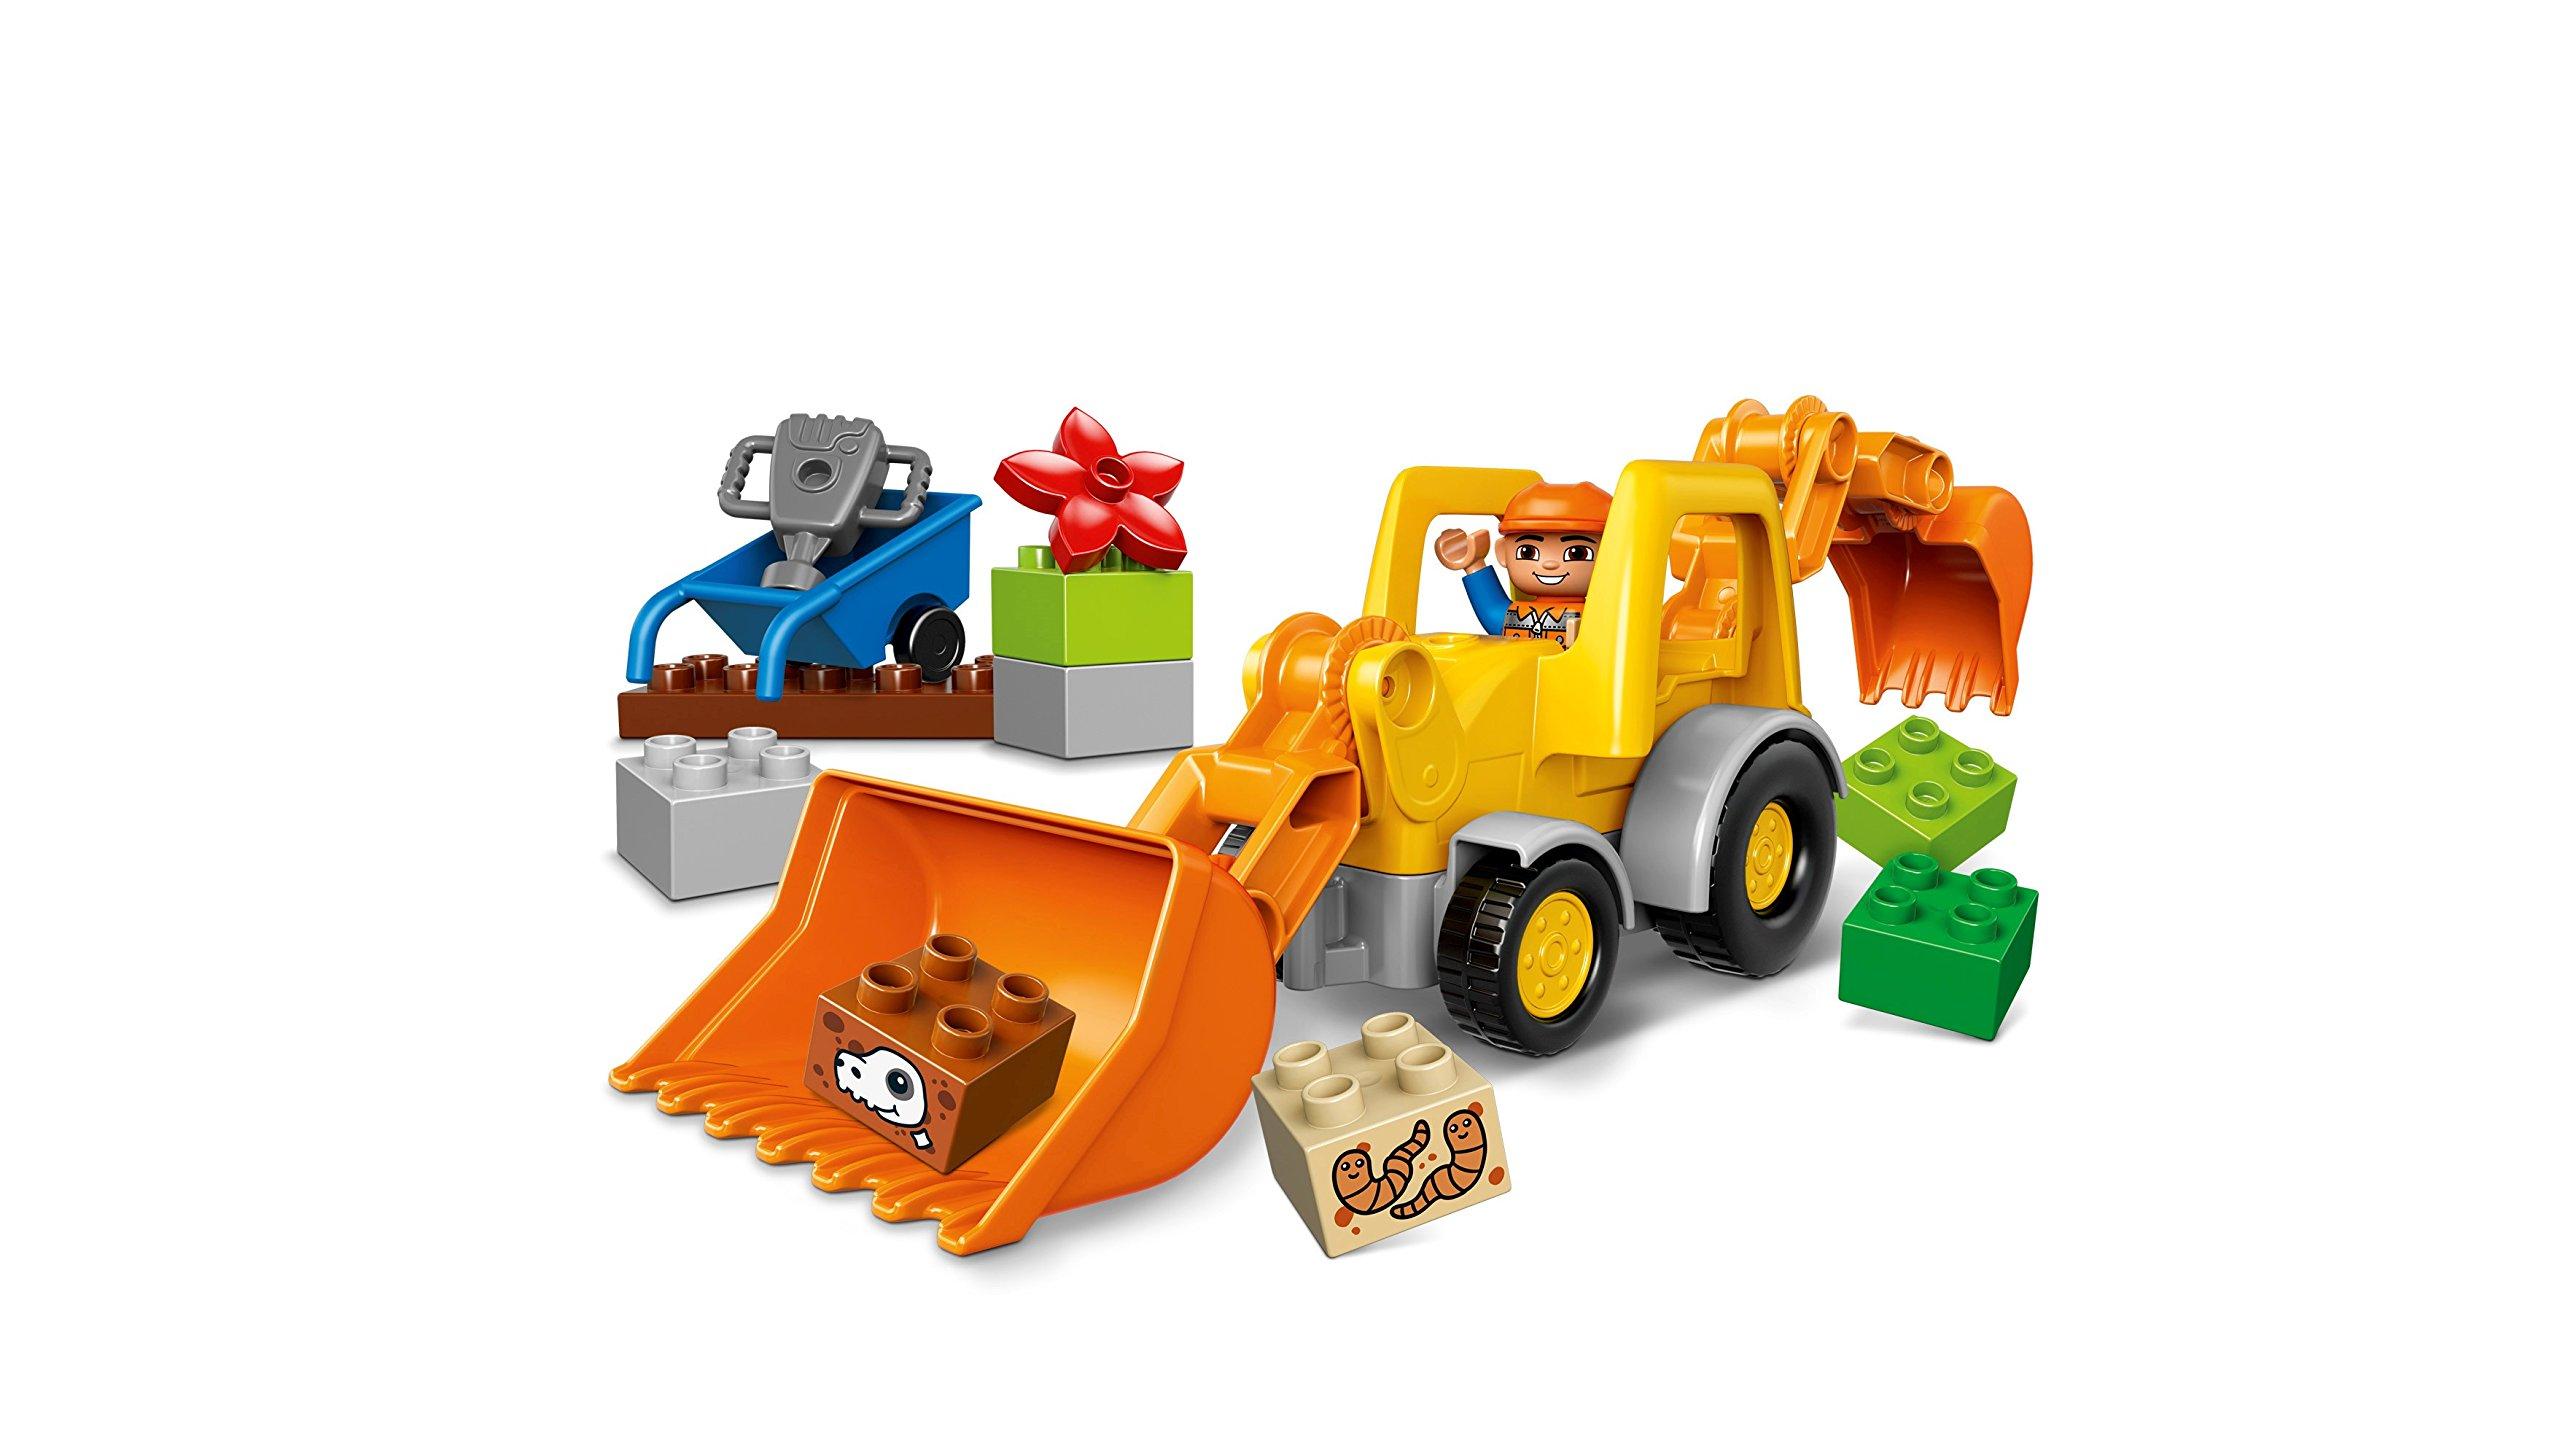 LEGO Duplo Camion e Scavatrice Cingolata con Due Personaggi, Set di Costruzioni per Bambini da 2-5 Anni, Multicolore… 3 spesavip